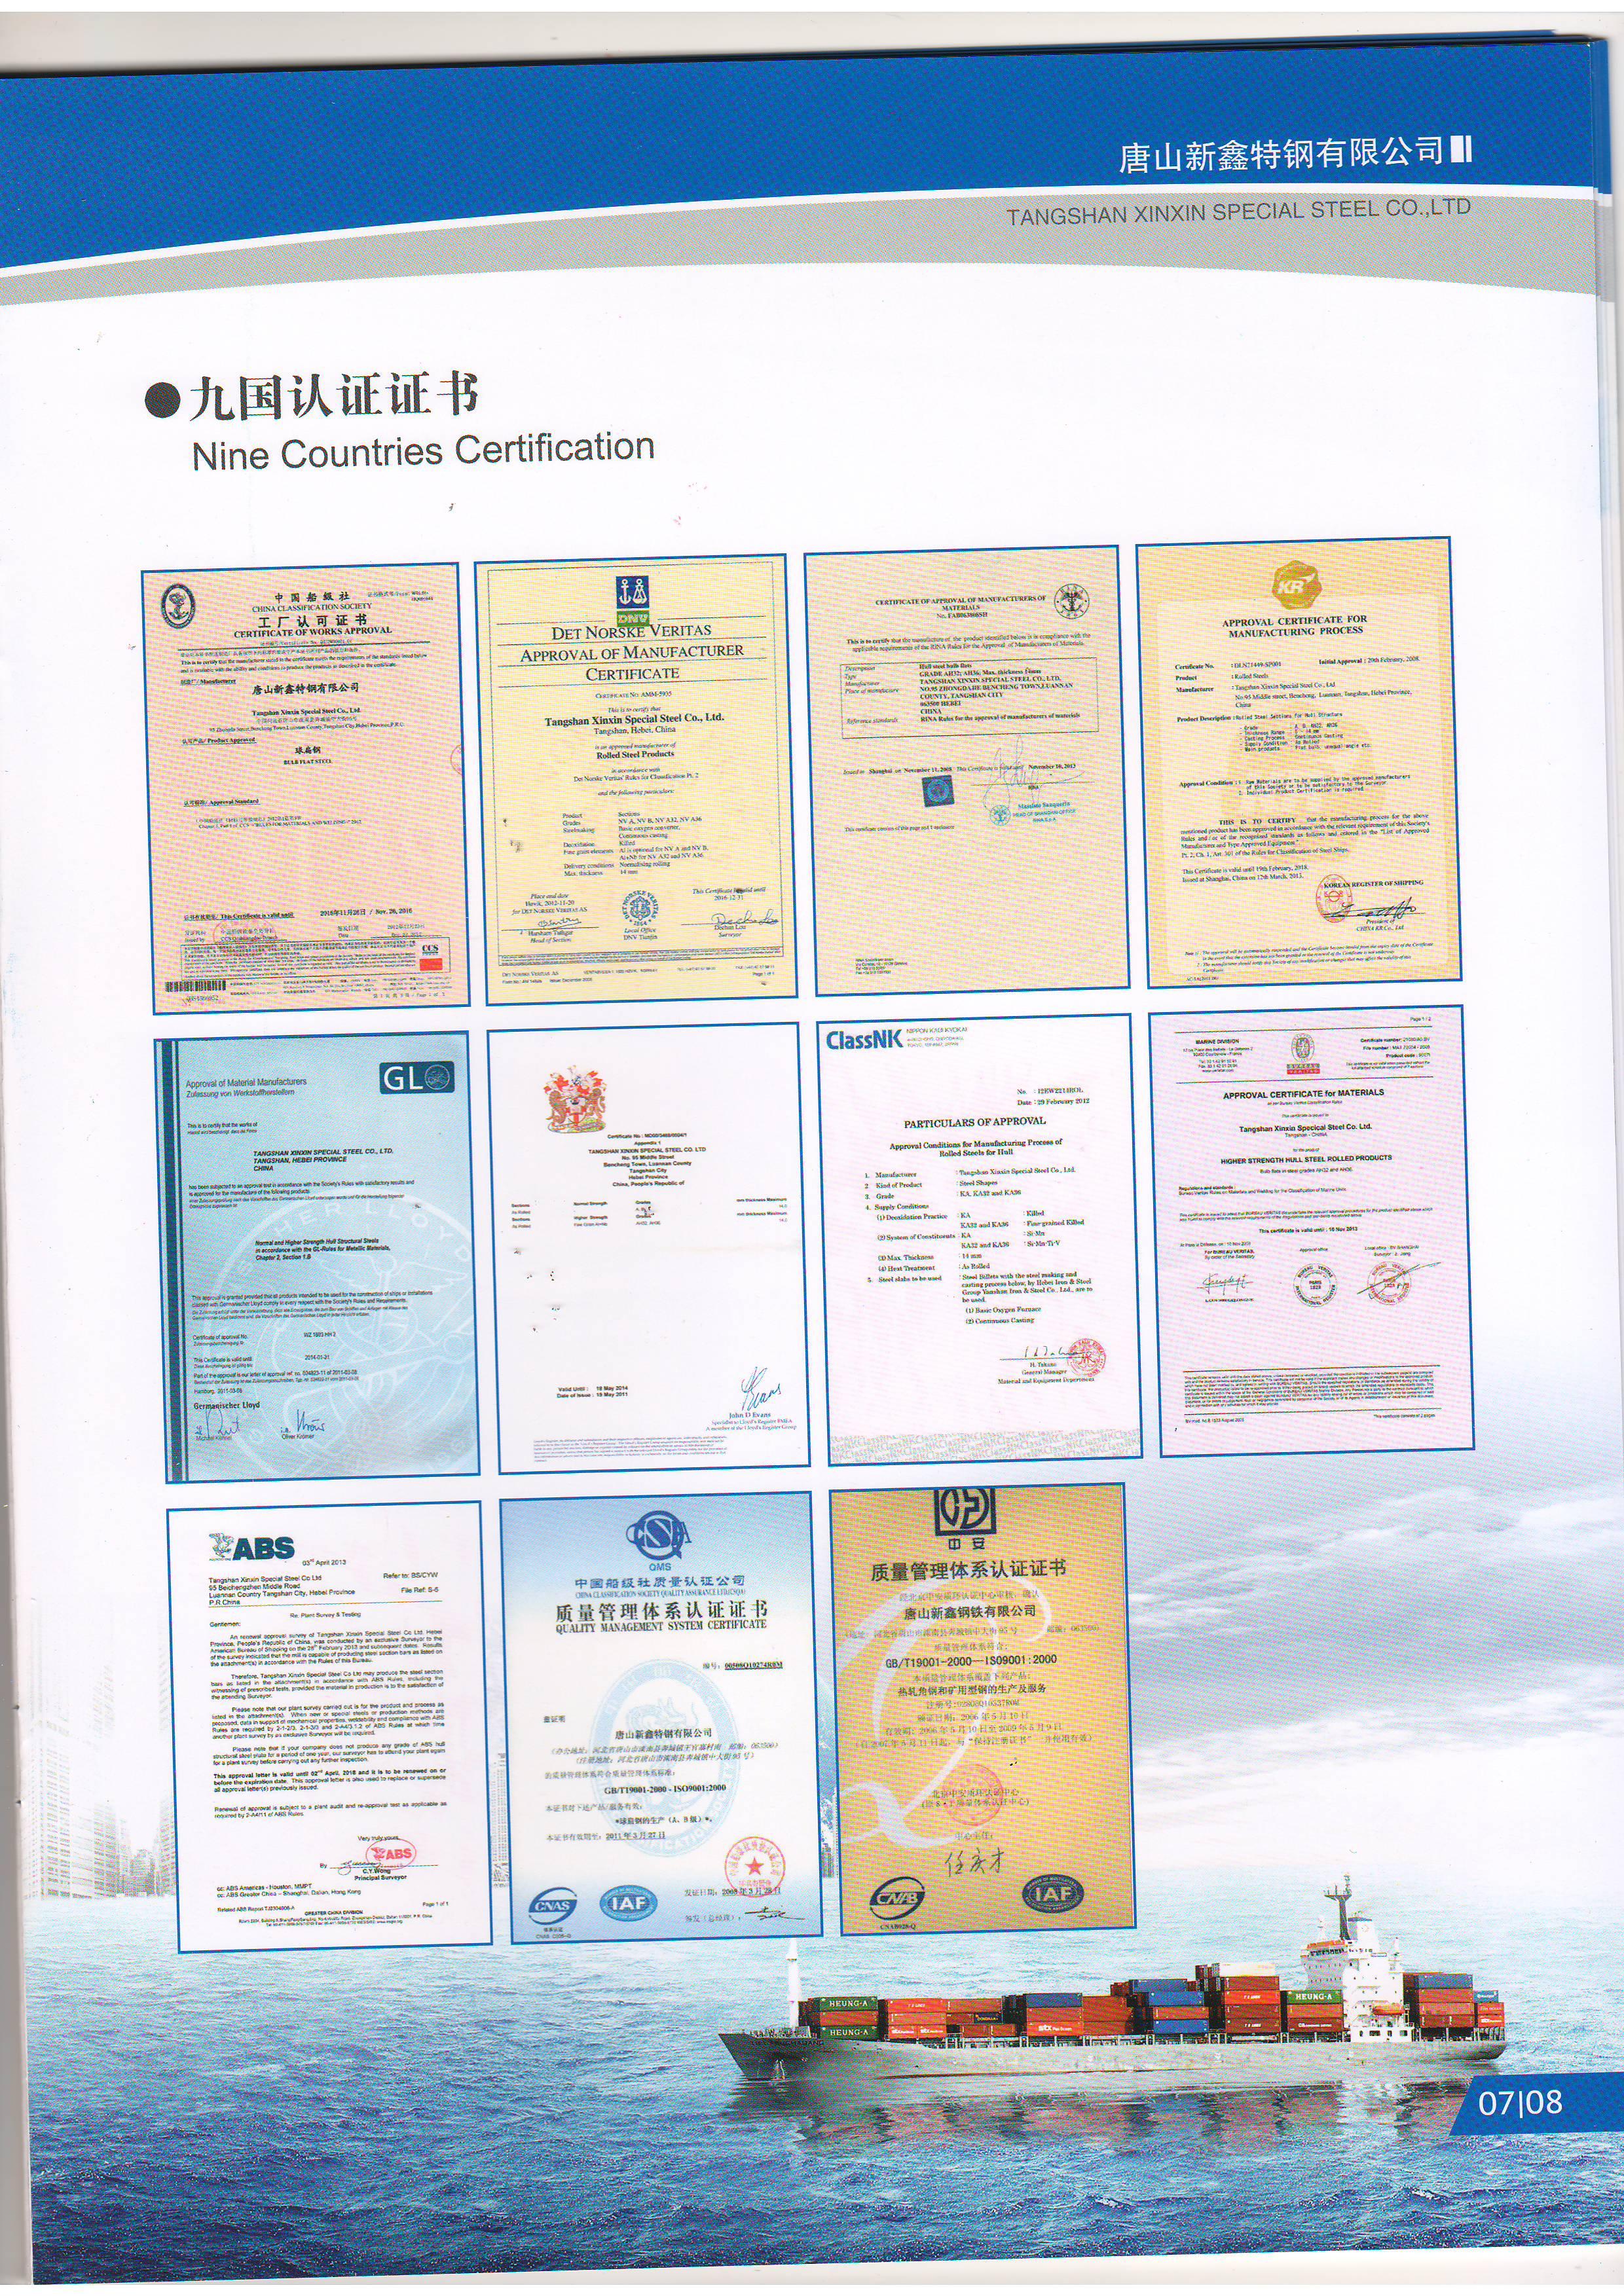 河北唐山新鑫特钢有限公司